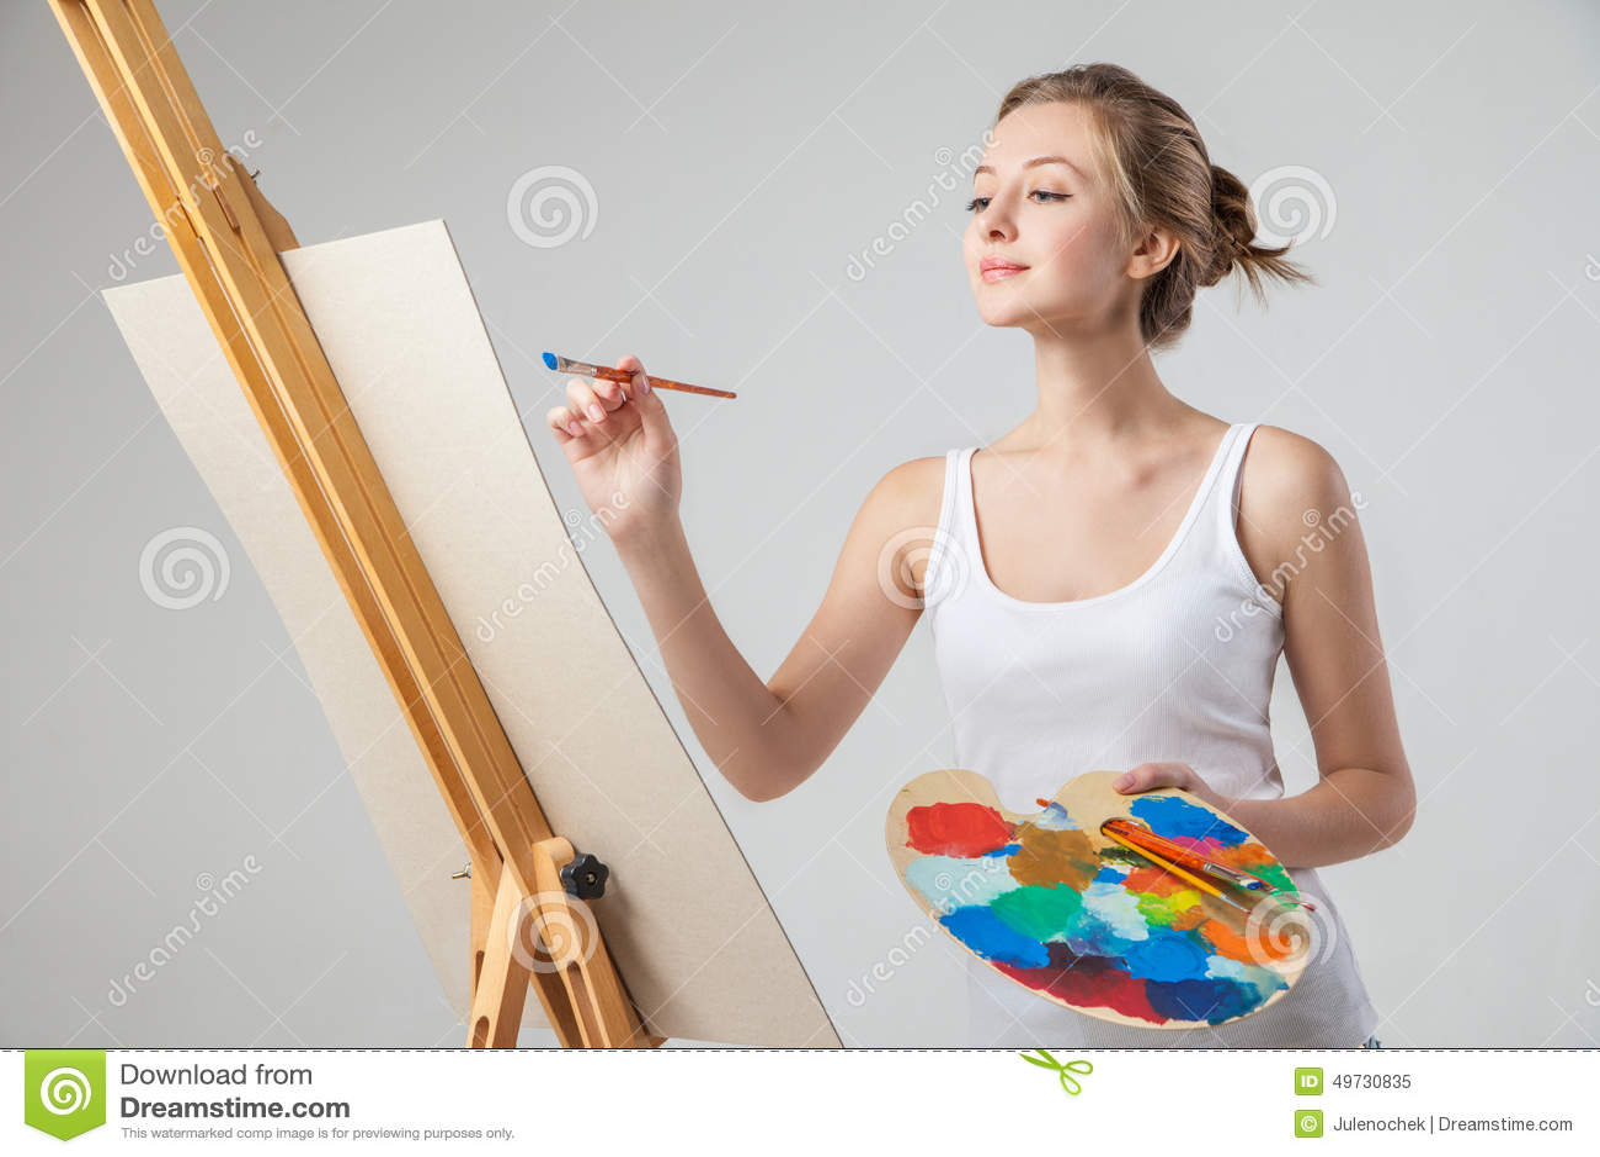 peintures de fille sur la toile avec des couleurs l 39 huile au dessus de blanc image stock. Black Bedroom Furniture Sets. Home Design Ideas